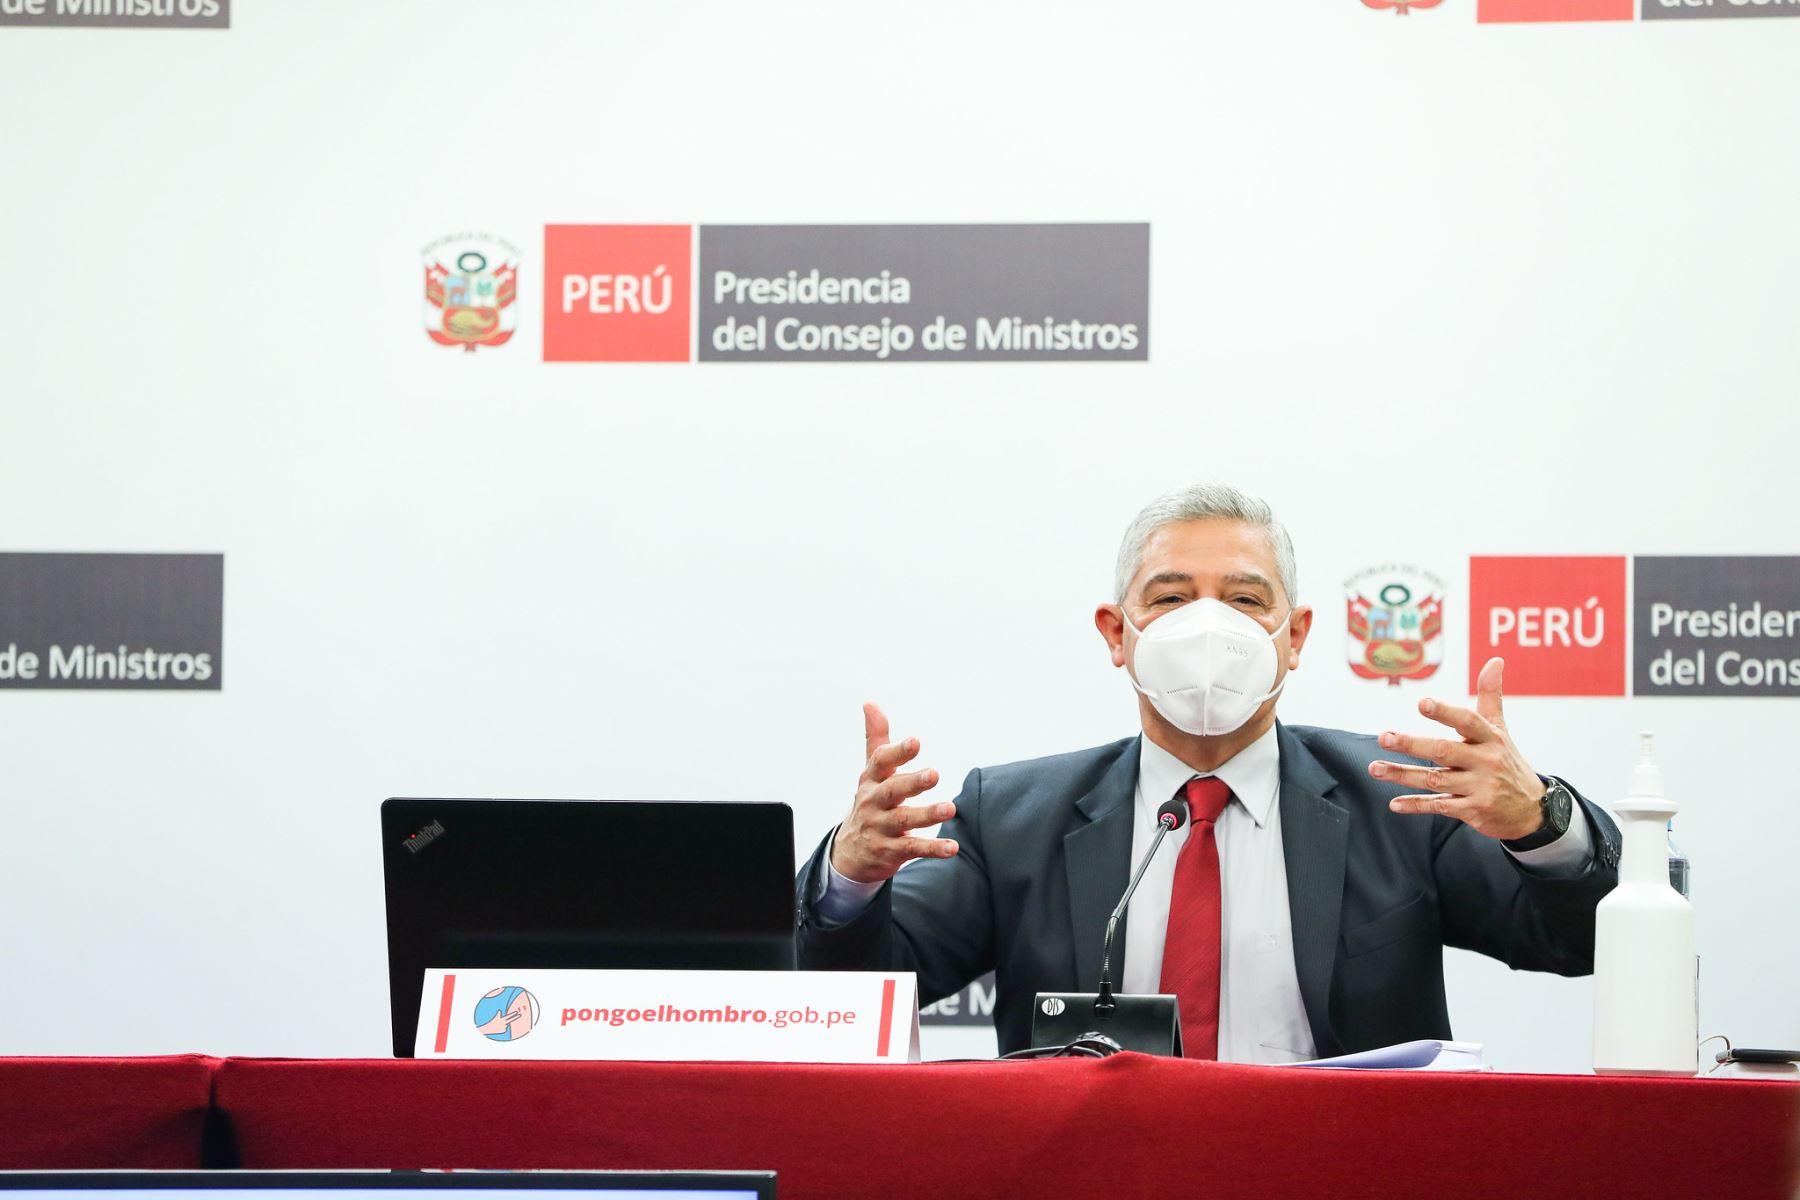 El ministro del Interior, José Elice, en conferencia de prensa hoy. Foto: ANDINA/difusión.